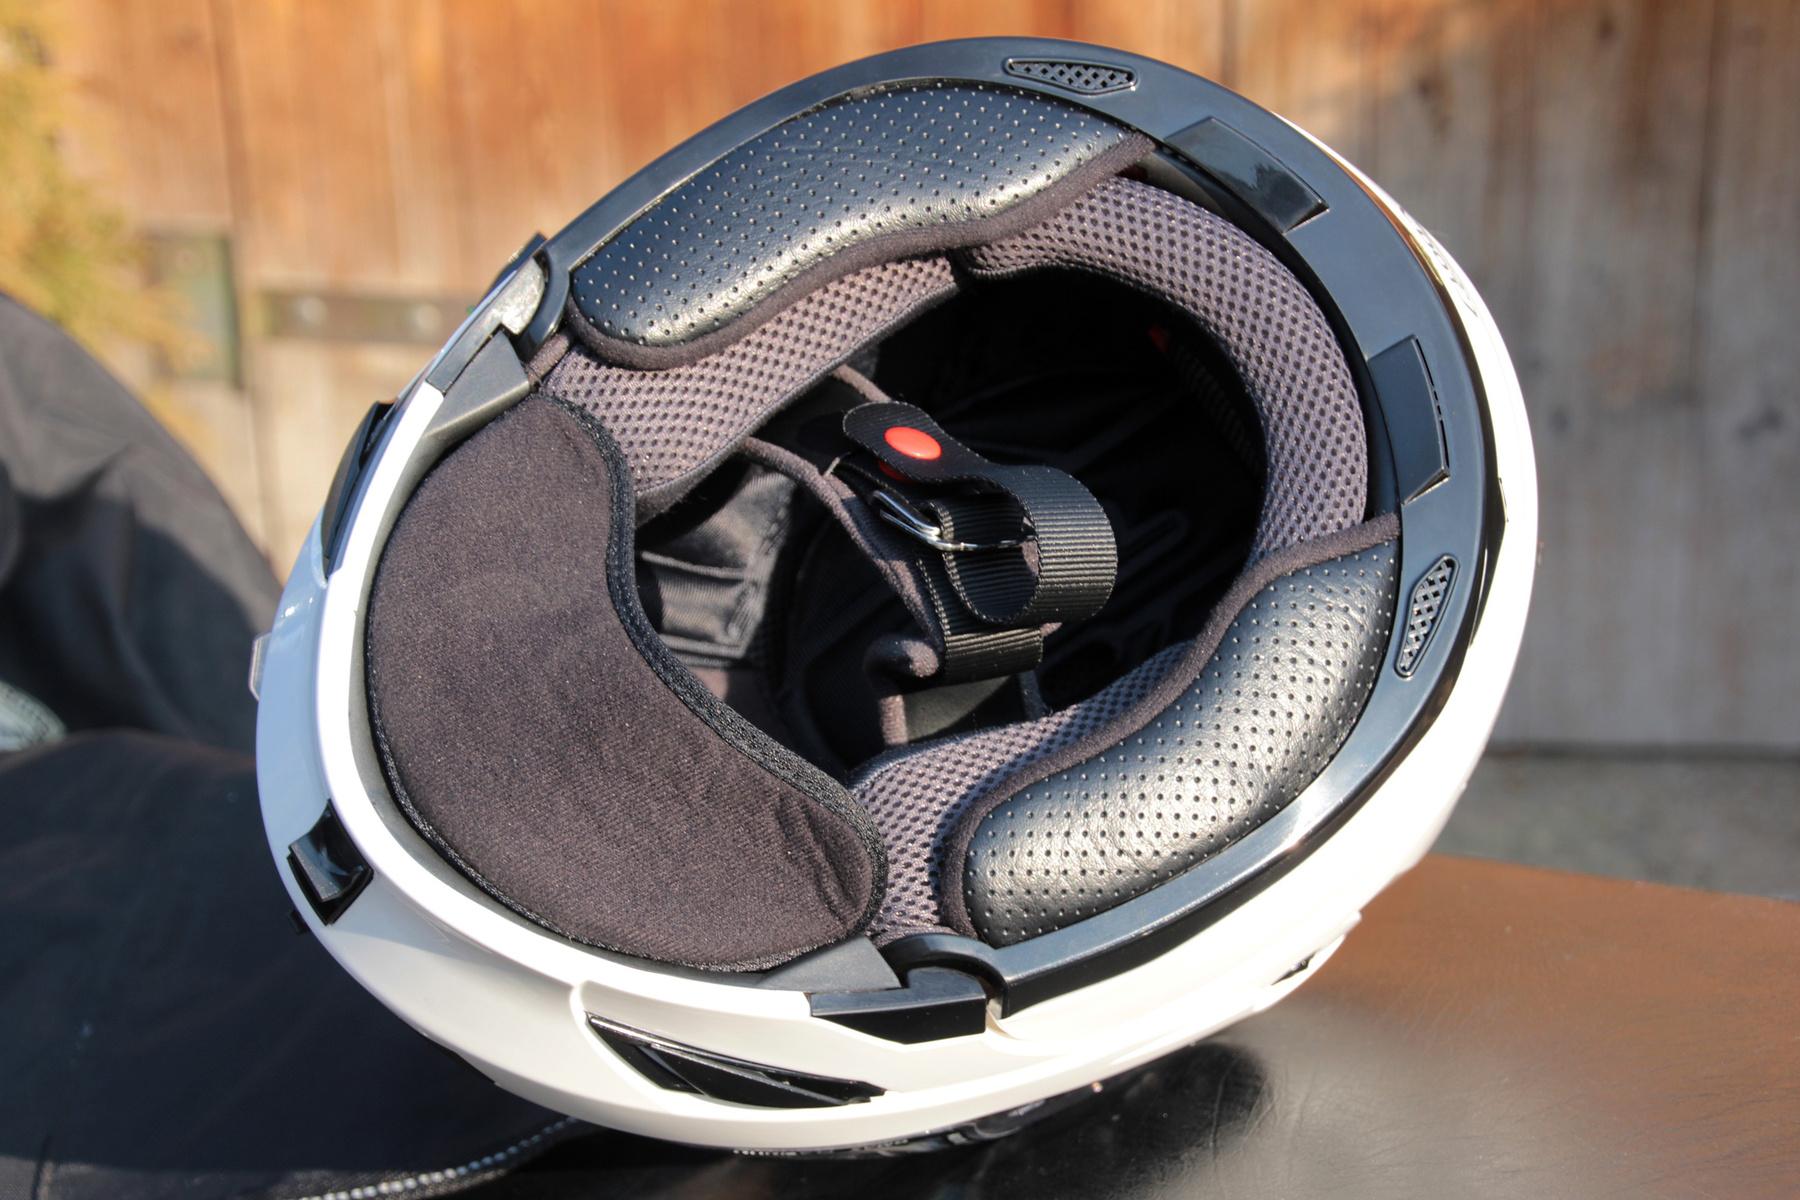 A felnyitott állvédővel motorozást megnehezíti, hogy a napszemüveget mozgató gomb ilyenkor csak körülményesem elérhető, a plexi alá kell nyúlni